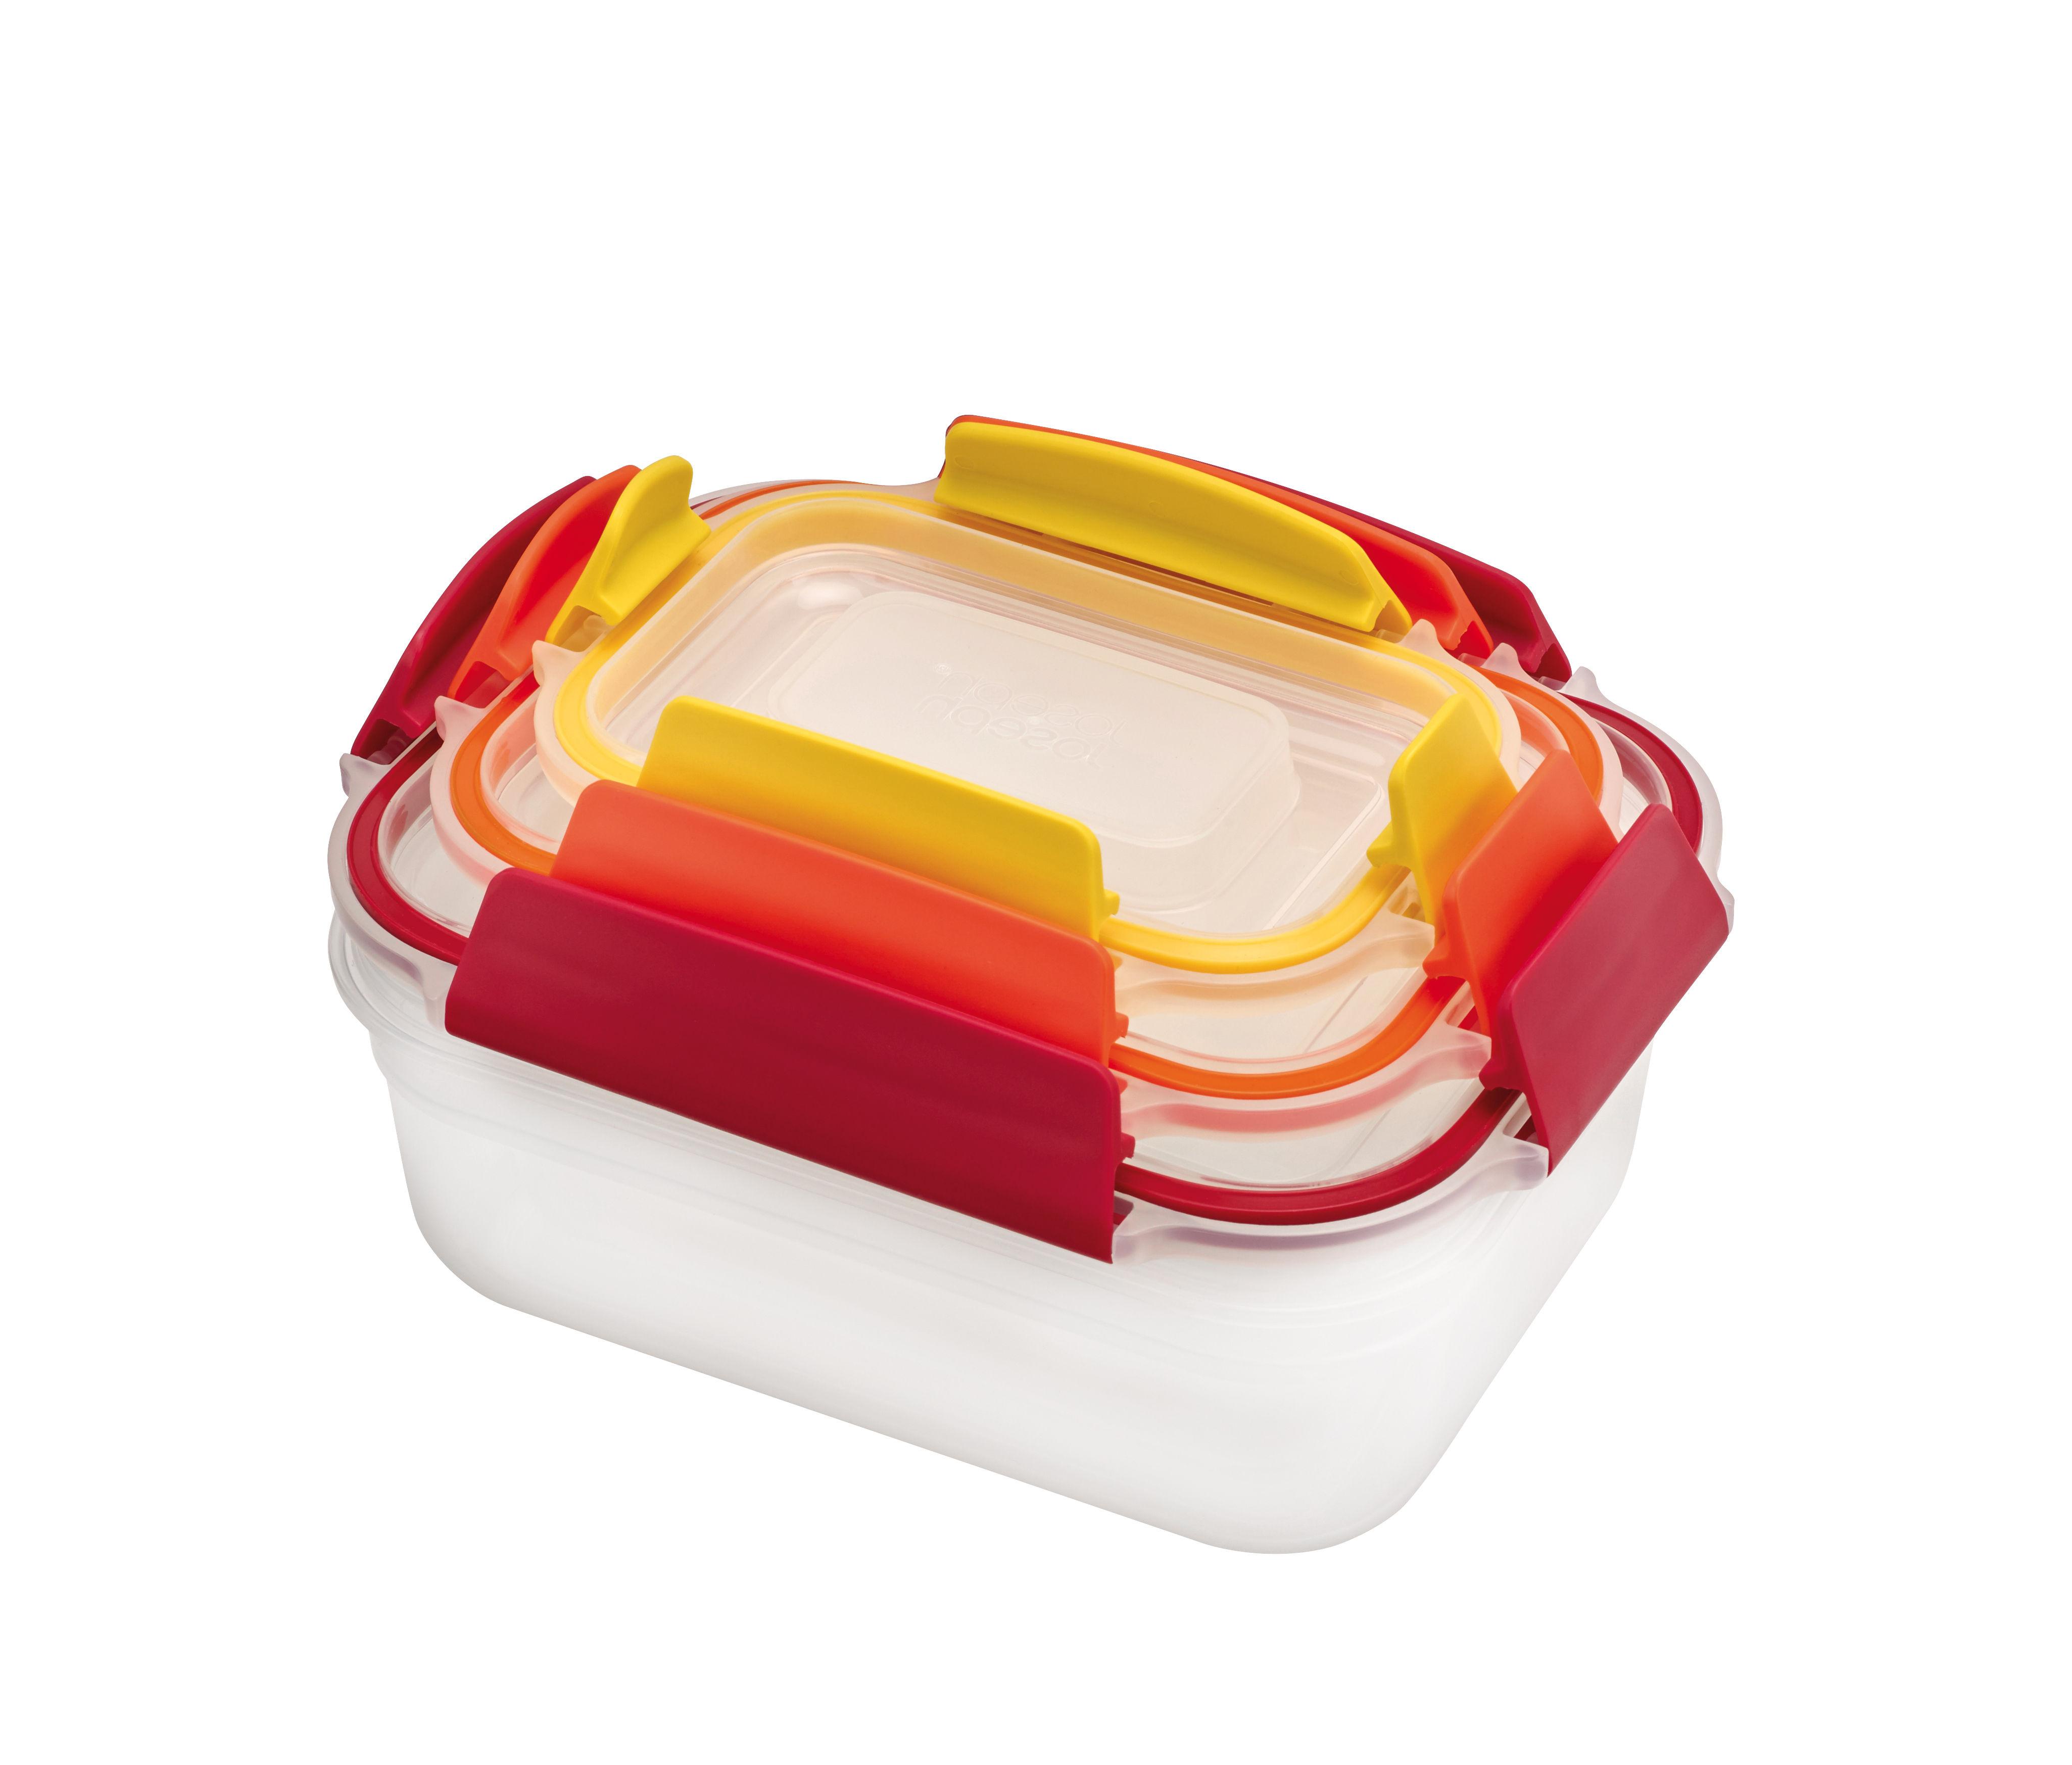 Cuisine - Boîtes, pots et bocaux - Boîte hermétique Nest Lock / Set de 3 emboitables - Multi-tailles - Joseph Joseph - 3 boîtes / Multicolore - Plastique sans BPA